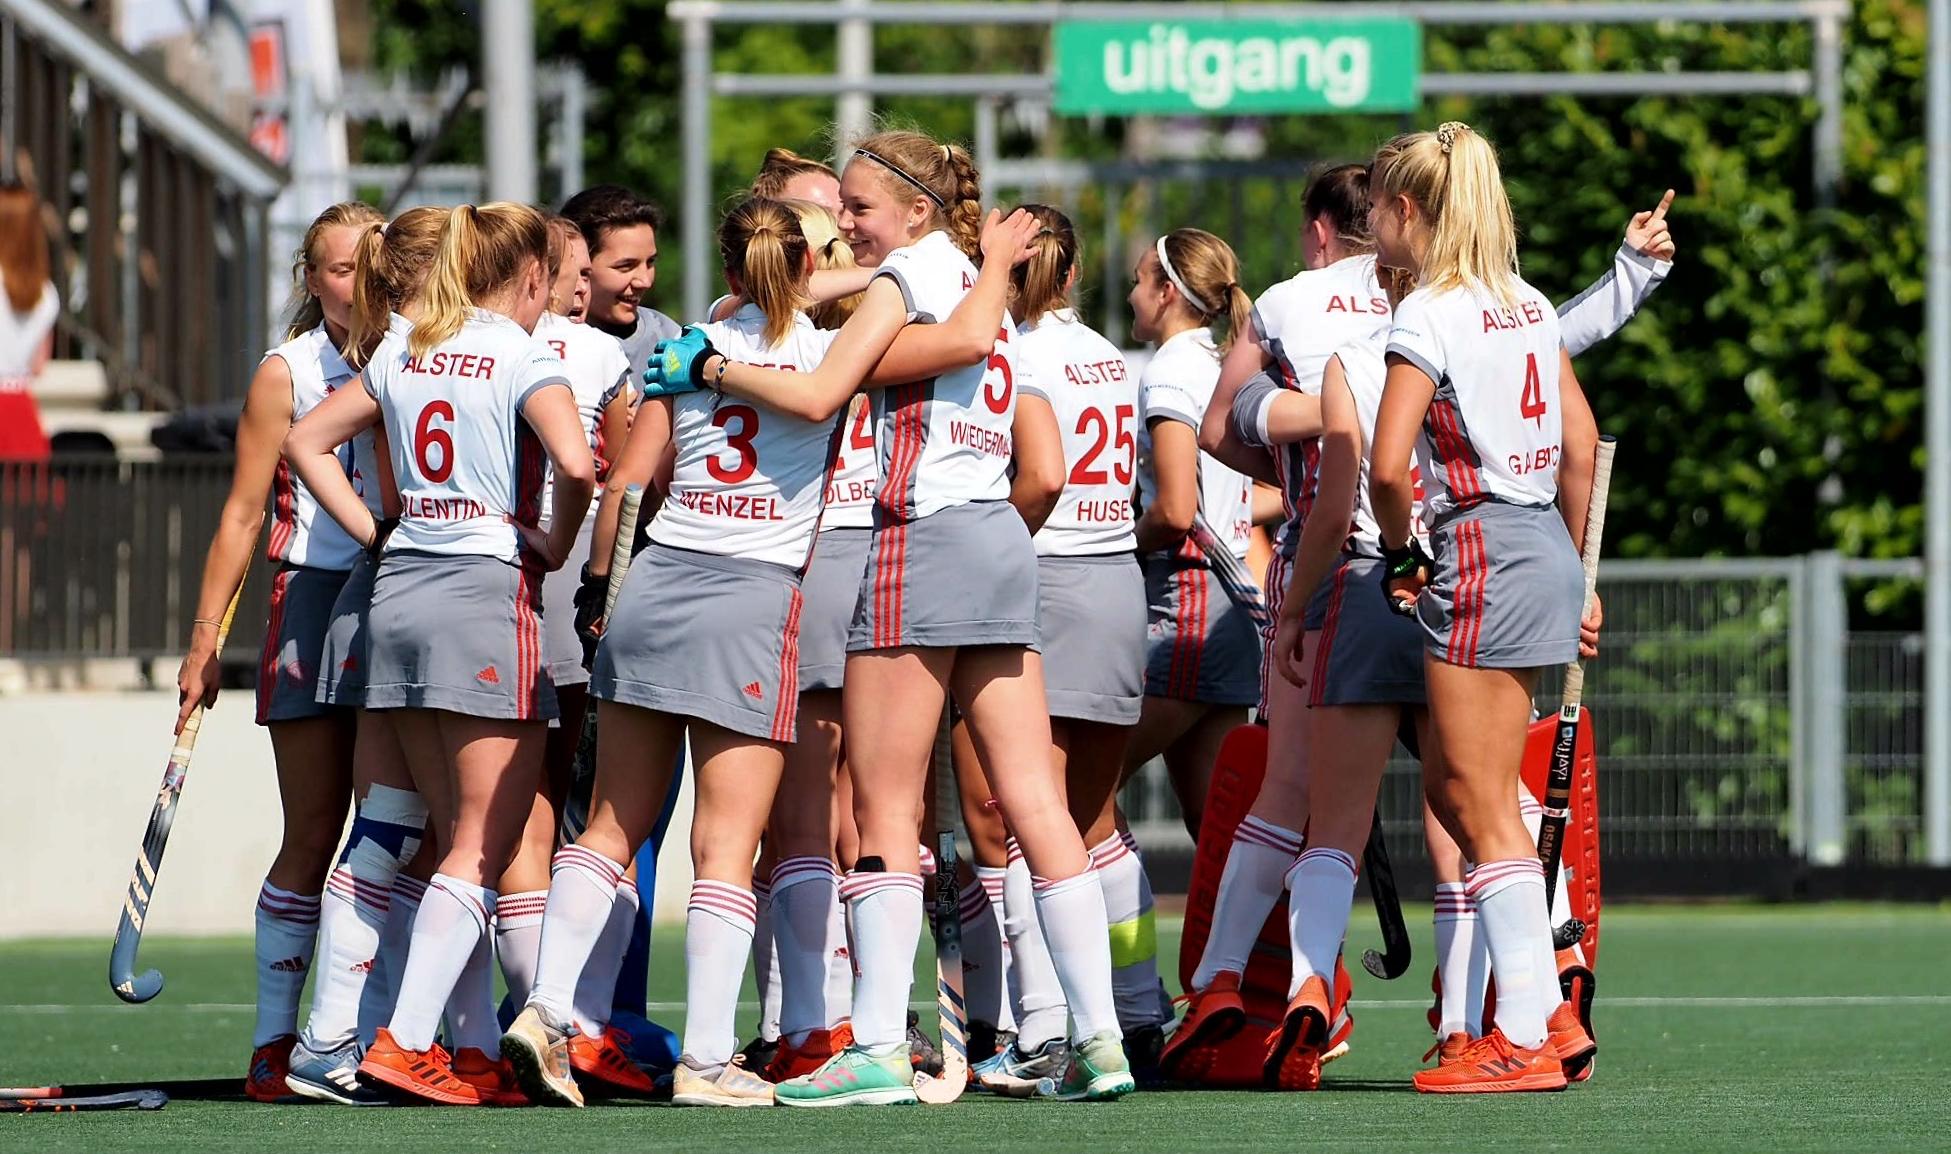 Der Club an der Alster pakt de derde plaats op het EHCC door te winnen van Den Bosch